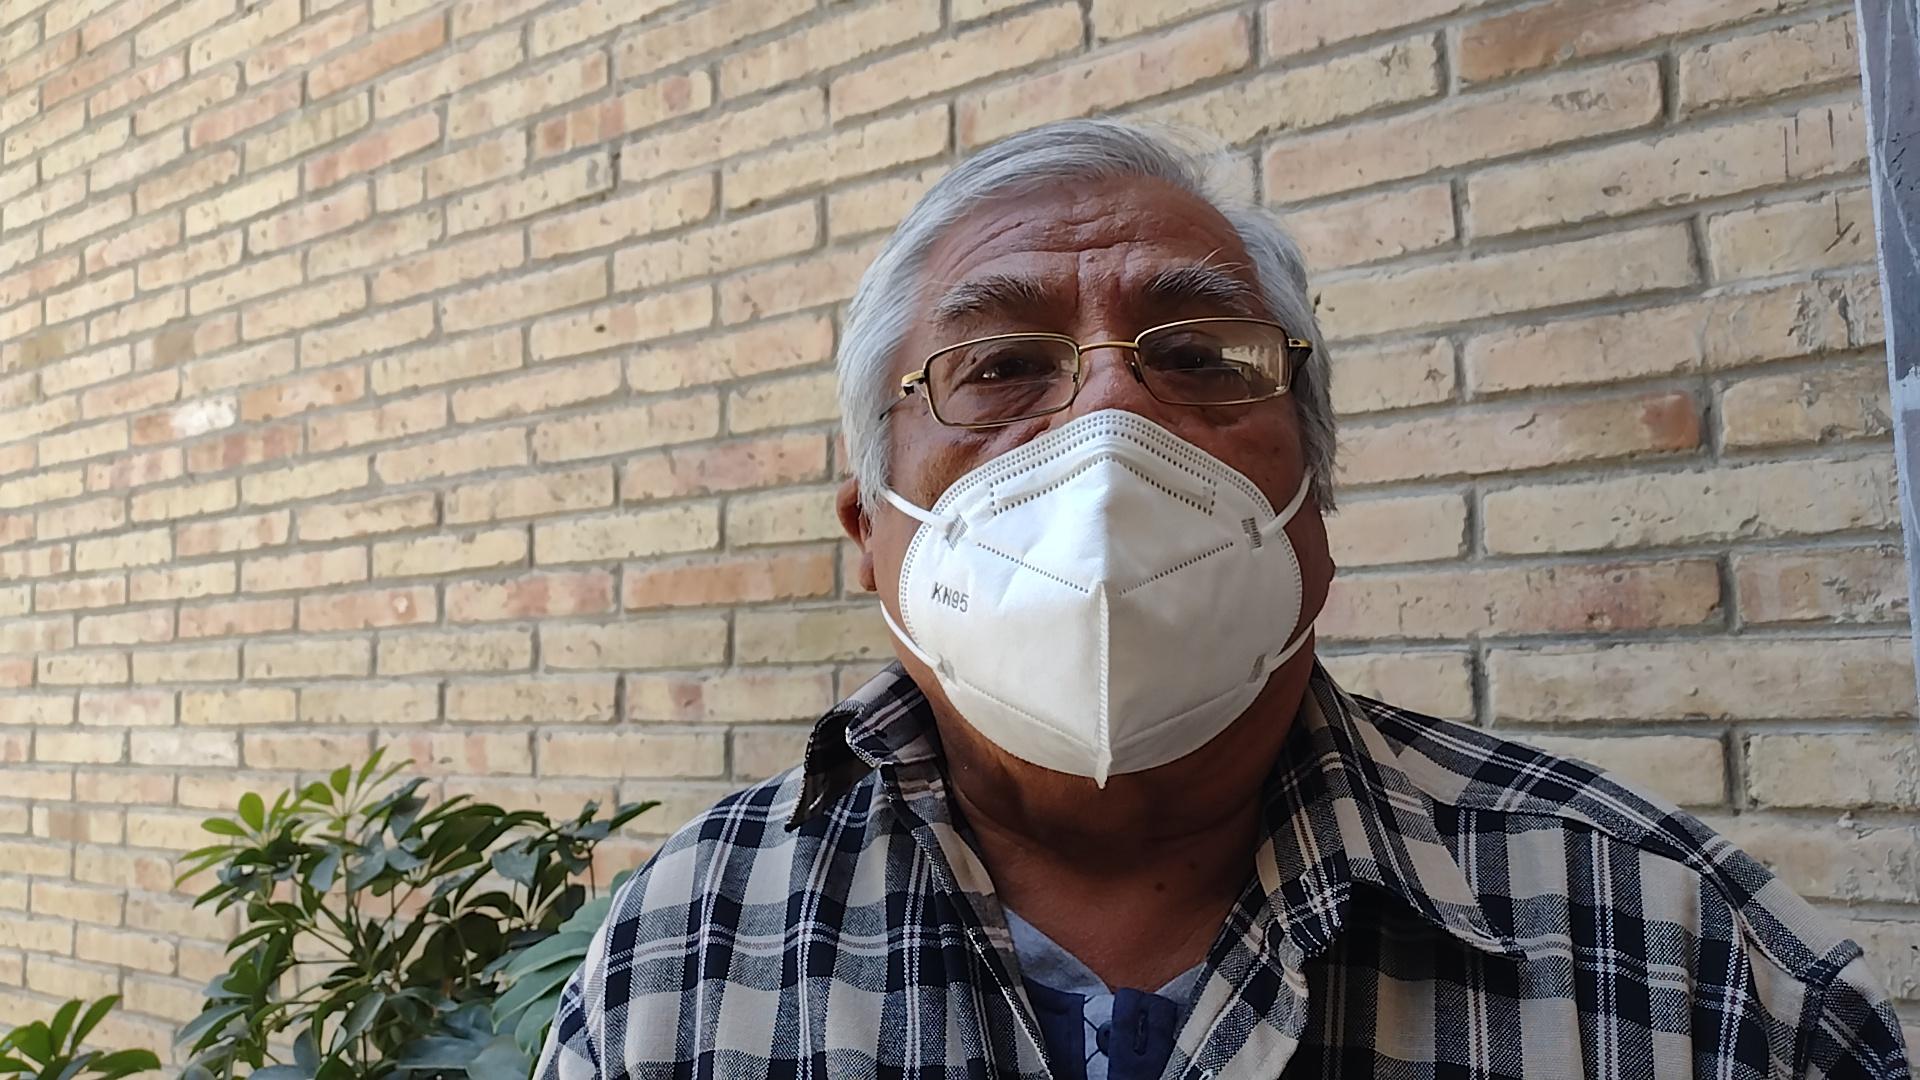 Arriesgarse o no tener para comer: Covid obliga a migrar de Tehuacán a EU